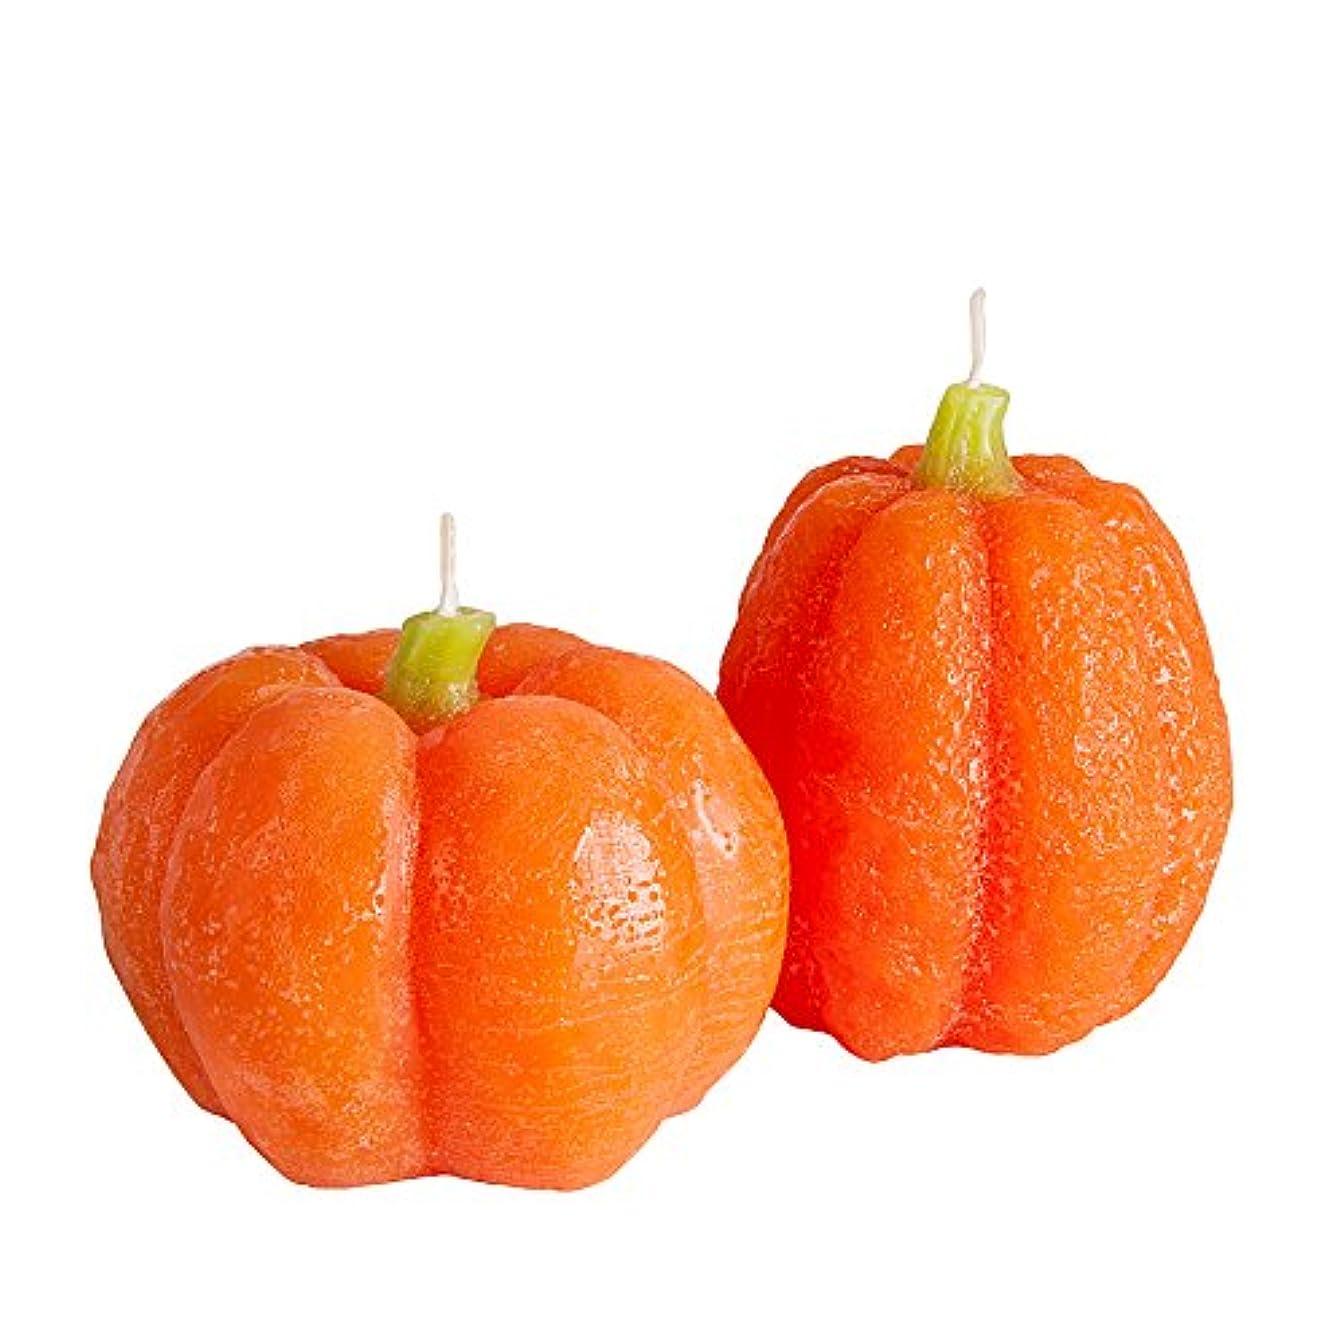 住む病気だと思う提唱するCandle Atelierハンドメイドピラーキャンドル Cast Large Pumpkin 2F1-PU10VMX-0SP